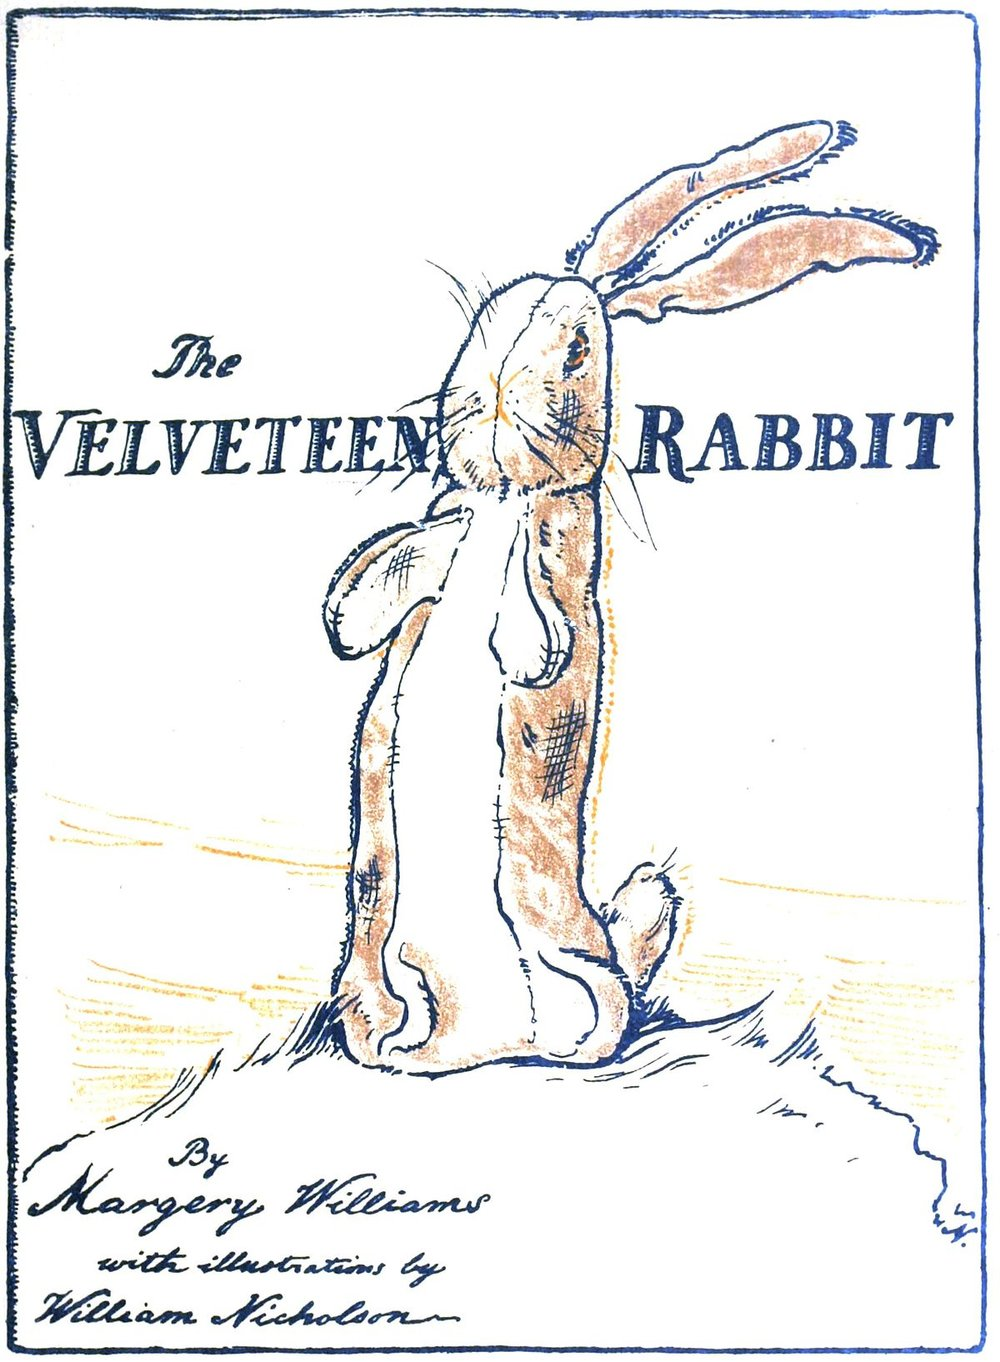 1200px-The_Velveteen_Rabbit_pg_1.jpg